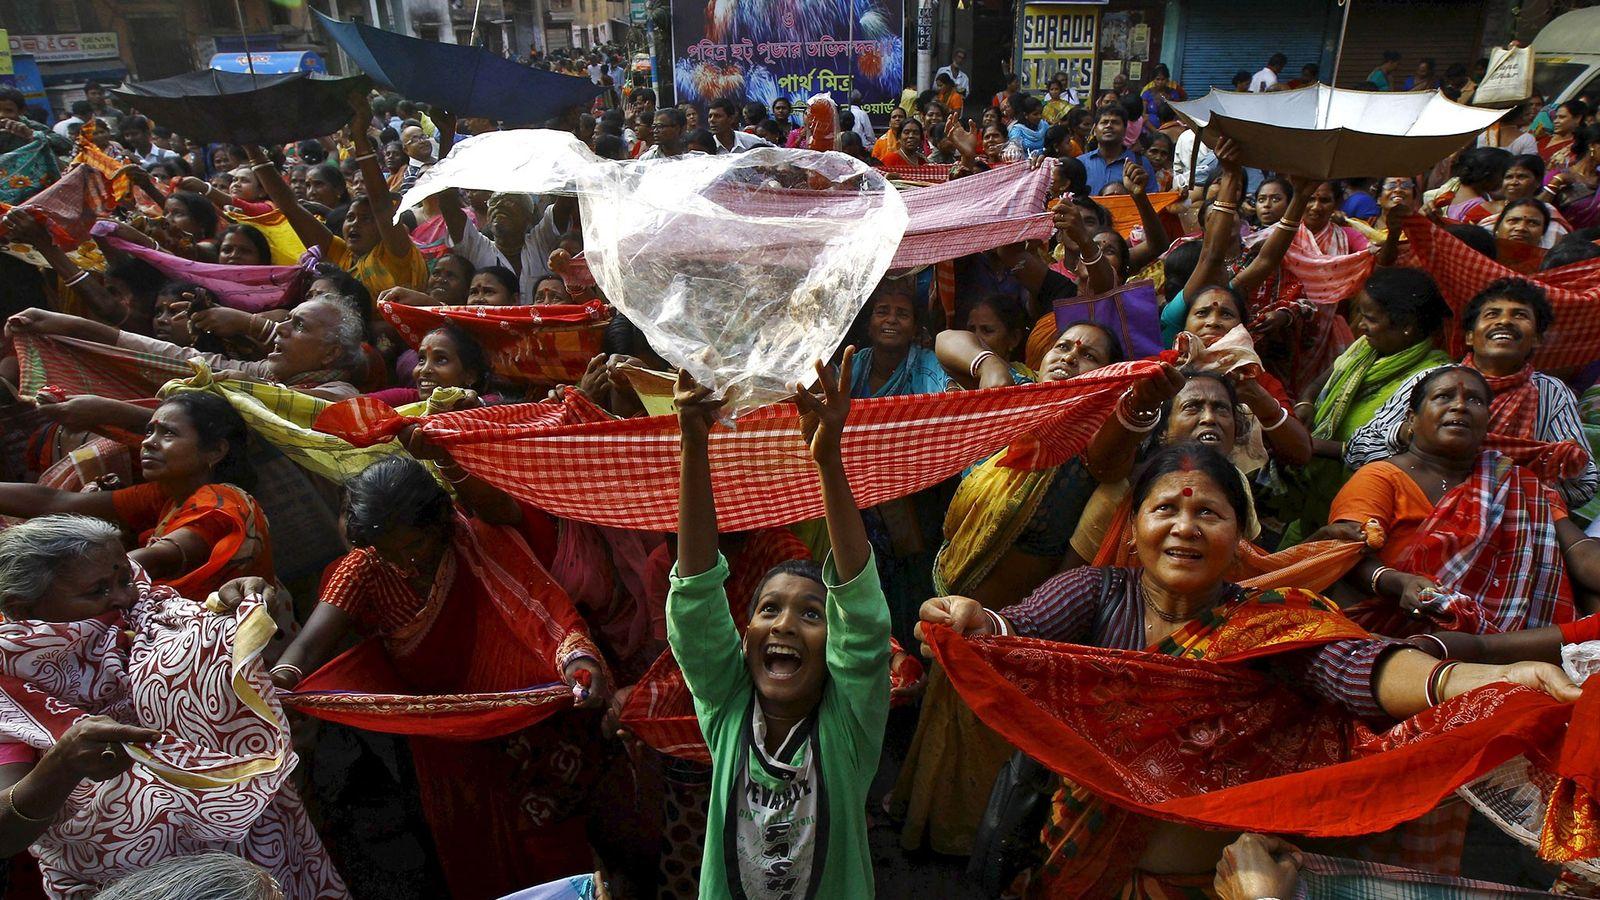 Un niño sostiene una bolsa de plástico para recibir el arroz que la autoridad del templo ...